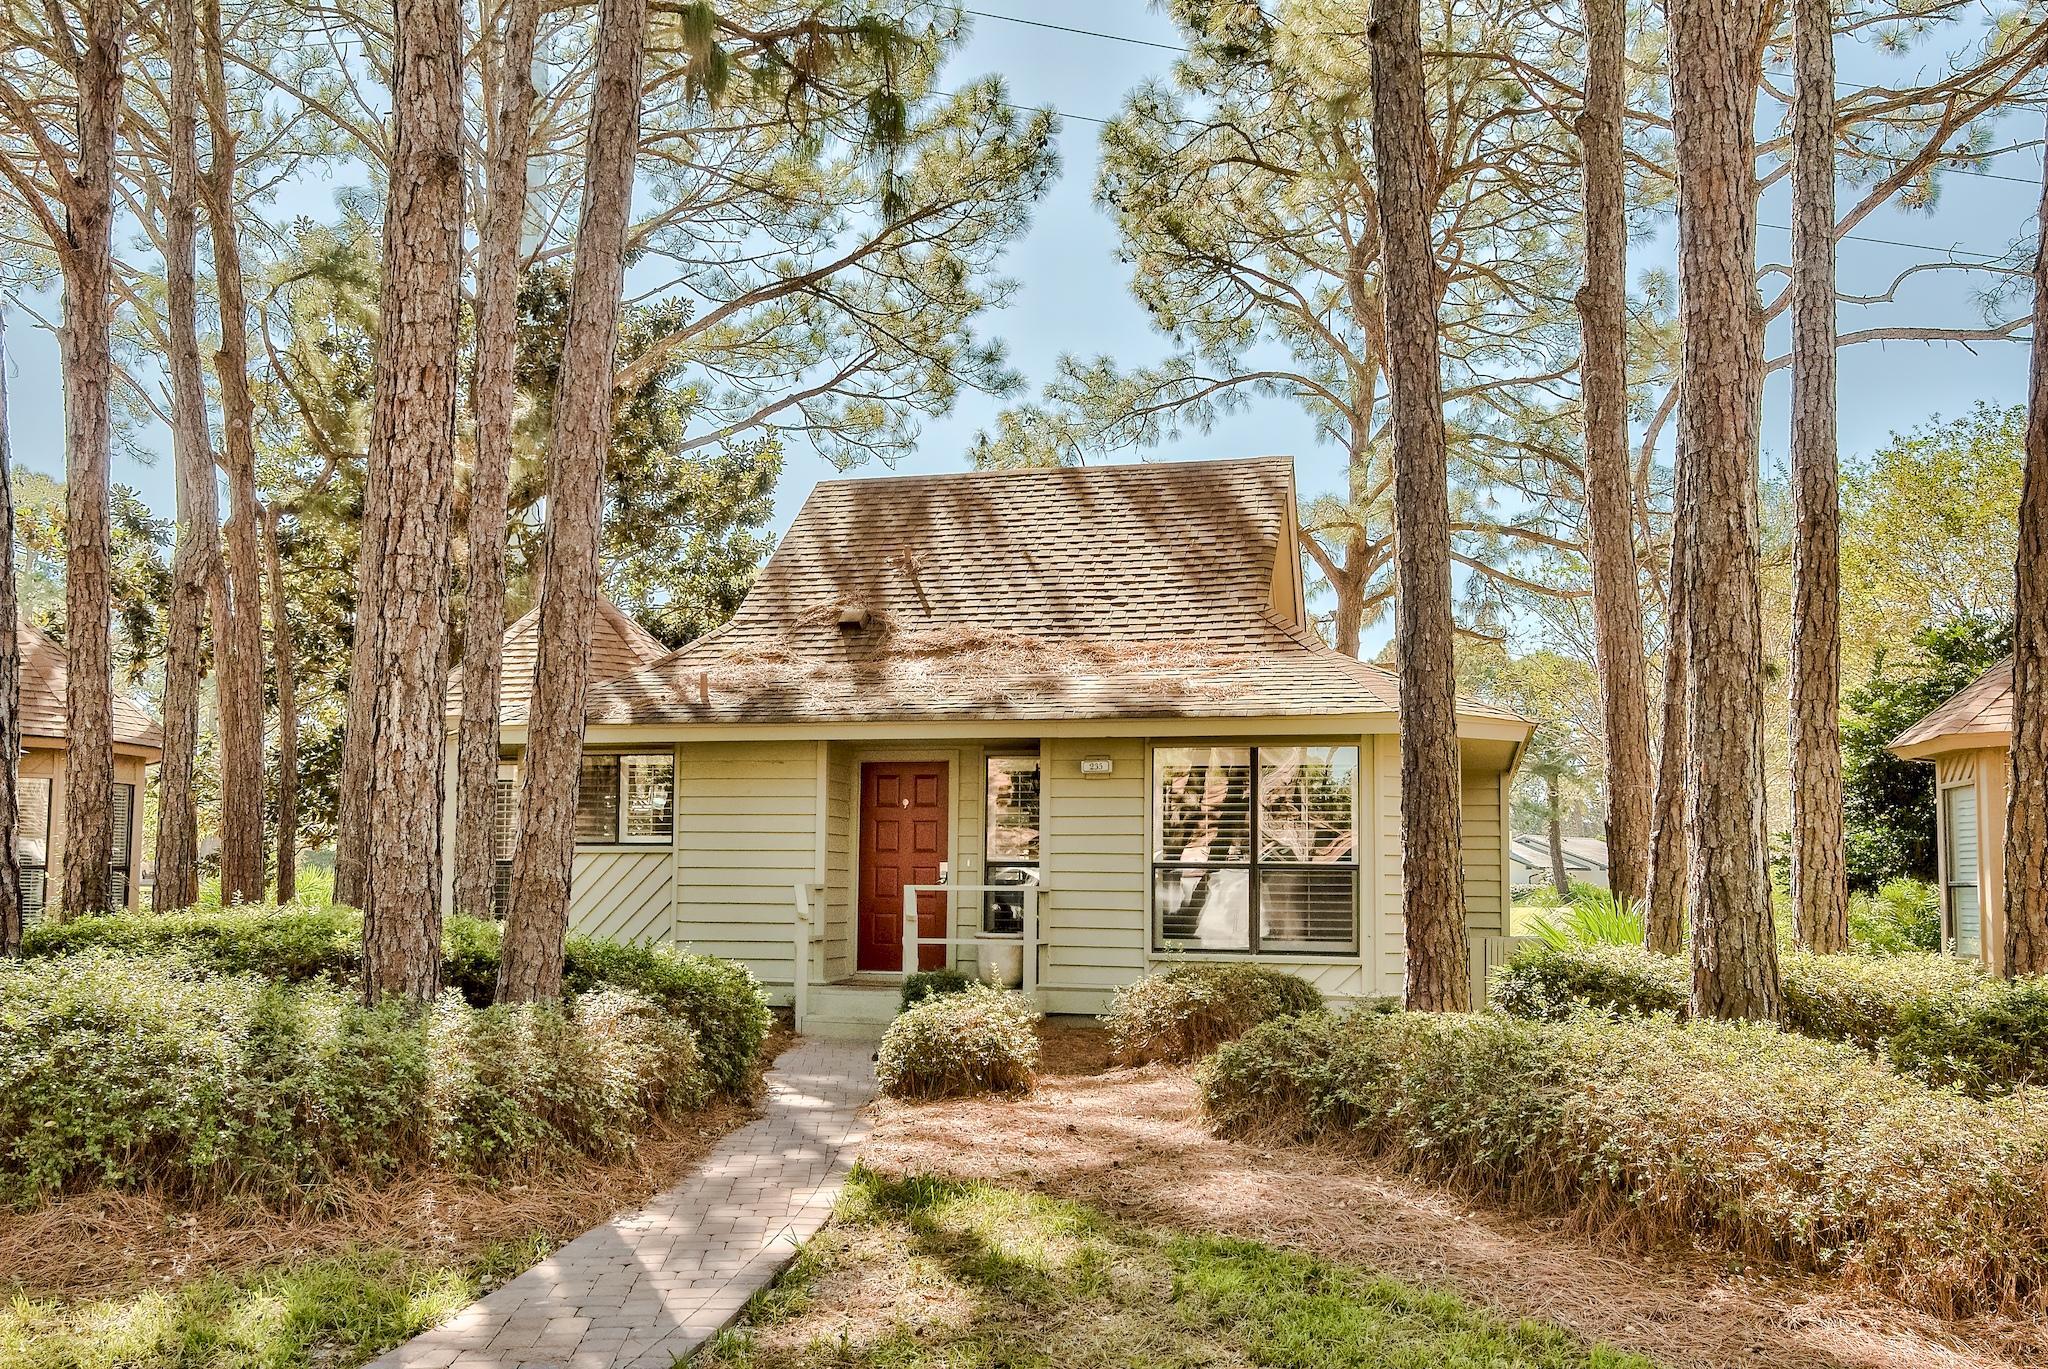 Photo of home for sale at 235 Audubon, Miramar Beach FL